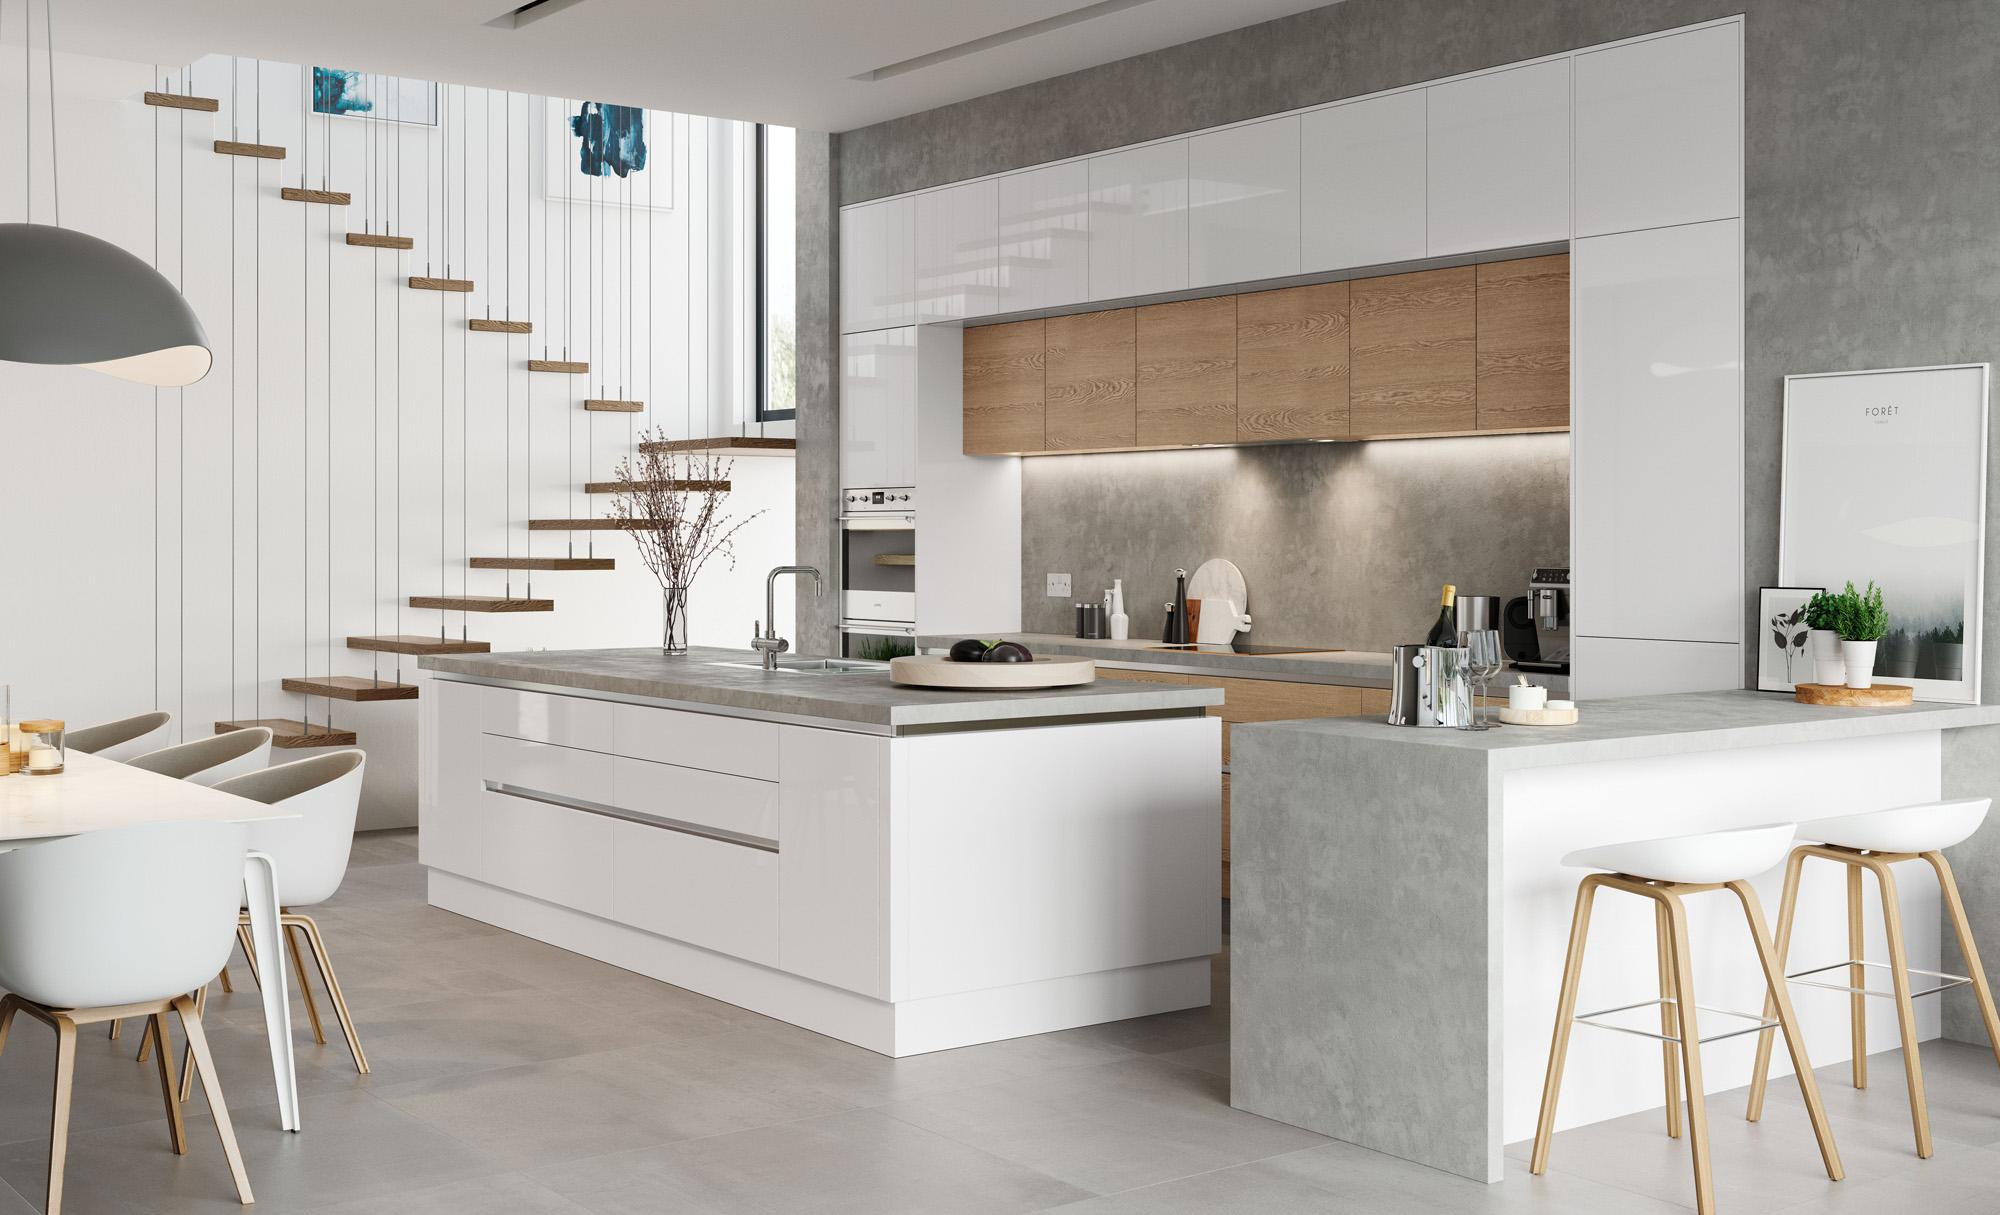 Kitchen Garbage Can Storage Cabinet Trash Bin For White Kitchen Floor  Cabinet - Buy Trash Bin For Kitchen Cabinet,White Kitchen Floor  Cabinet,Kitchen ...